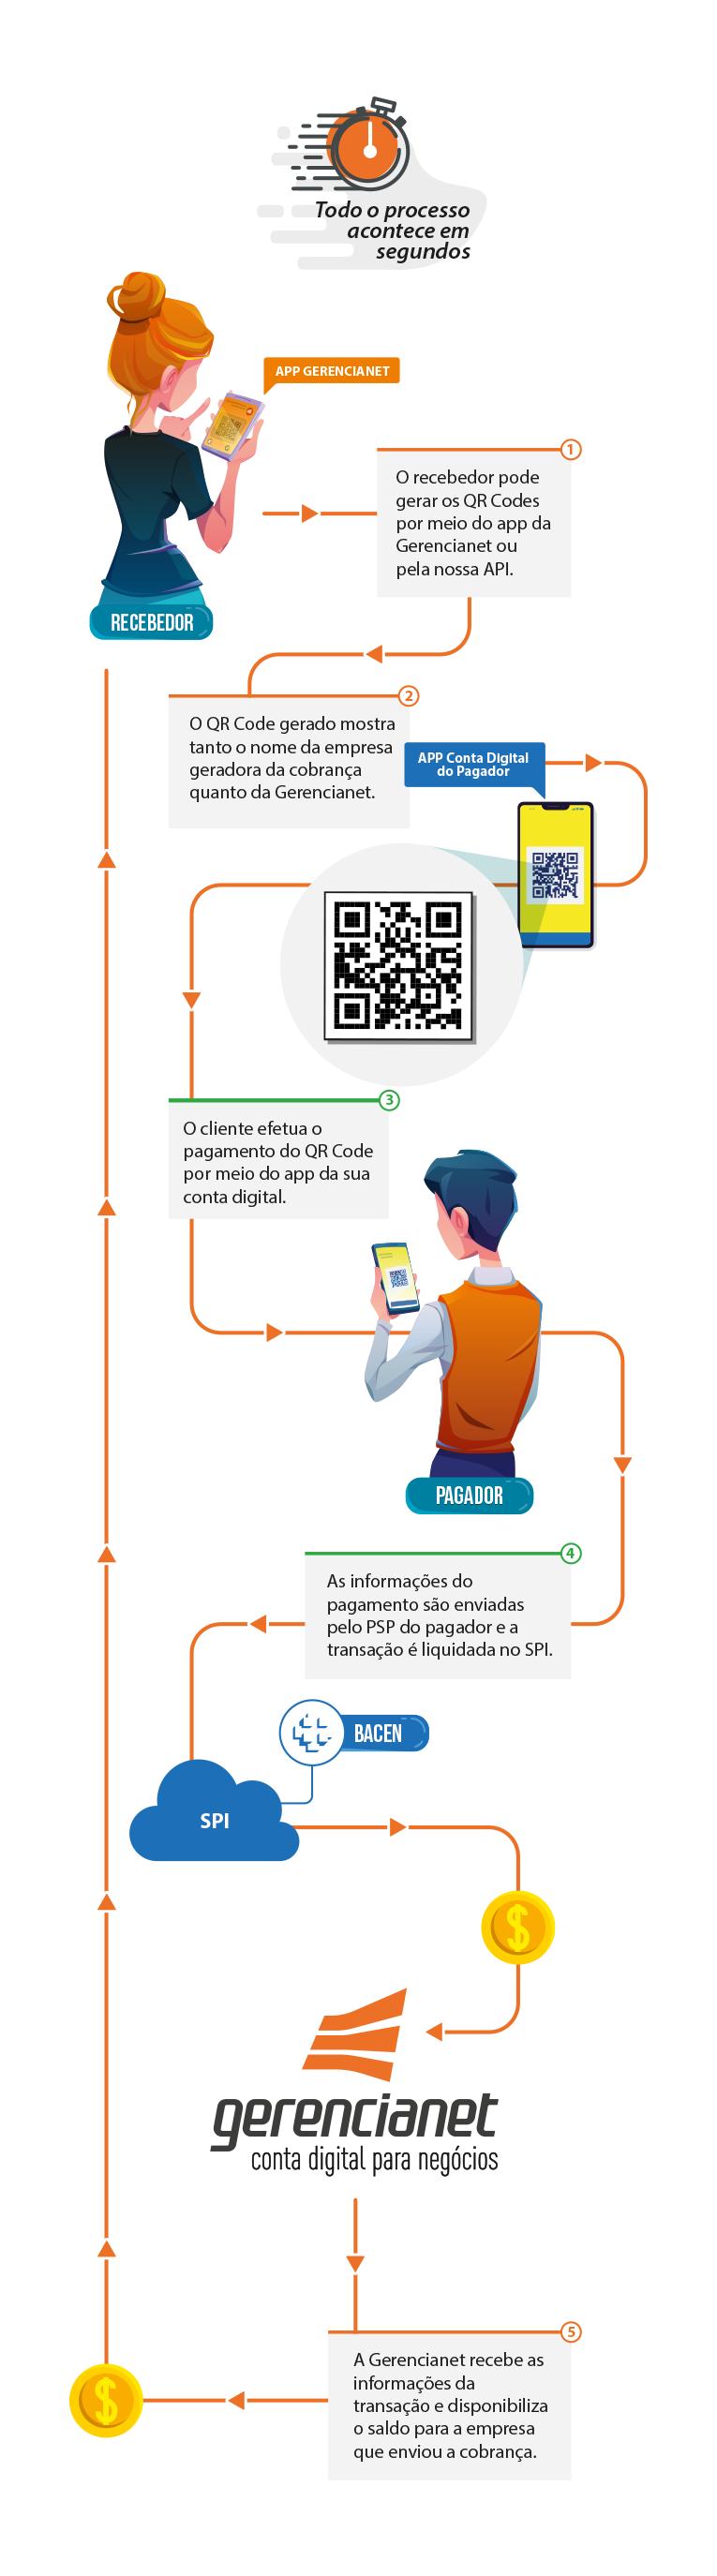 Fluxo (por trás da tela) de uma transferência Pix pelo aplicativo ou API Pix da Gerencianet